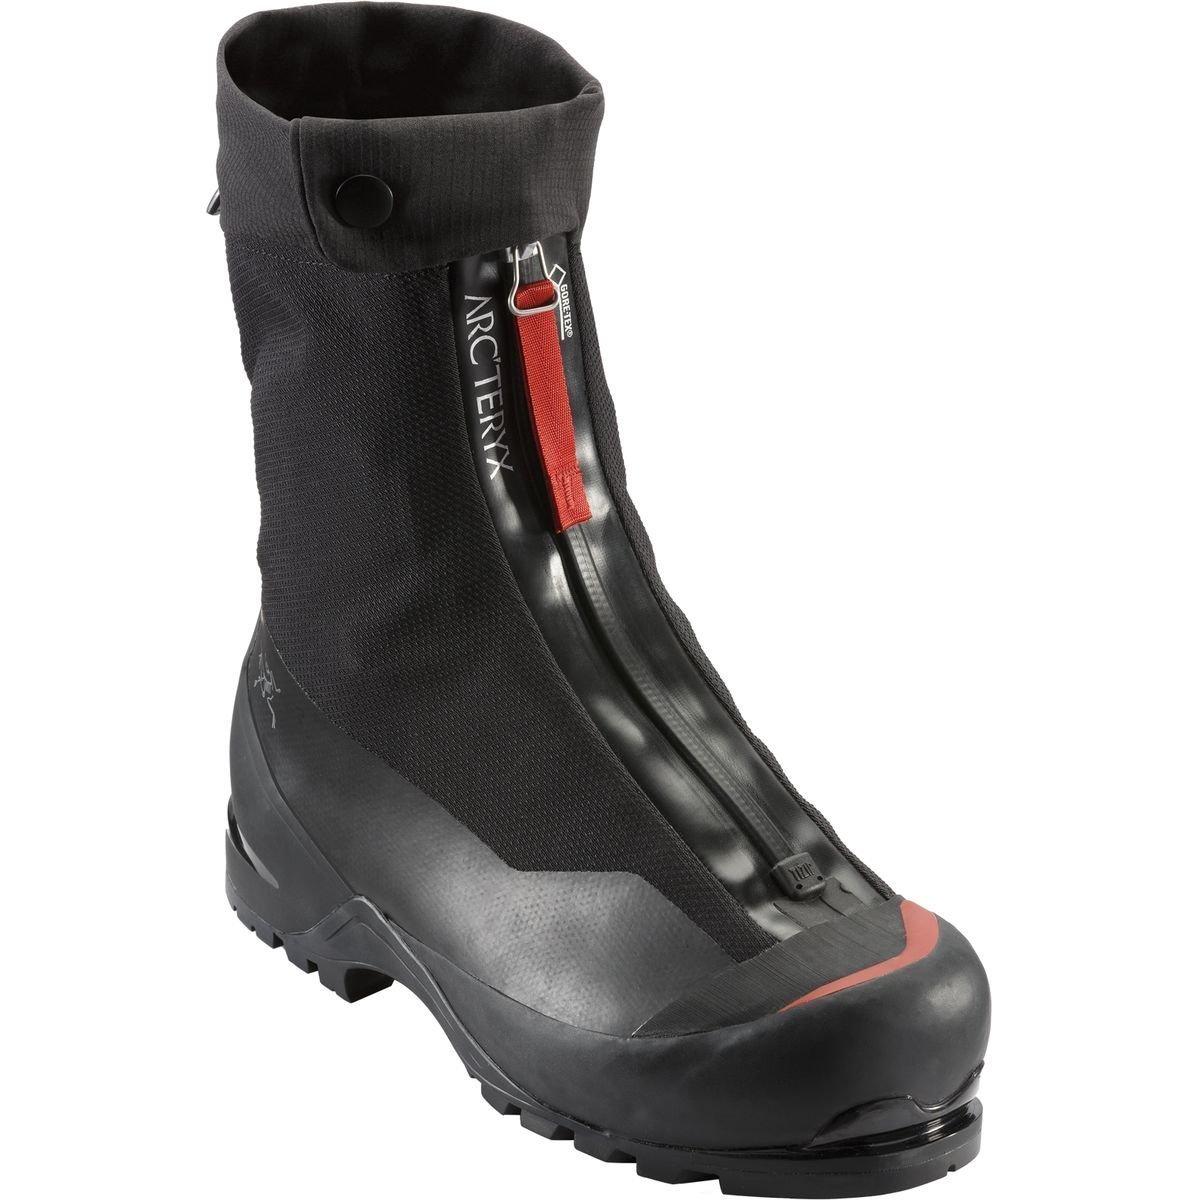 Arc'teryx Acrux AR Mountaineering Boots